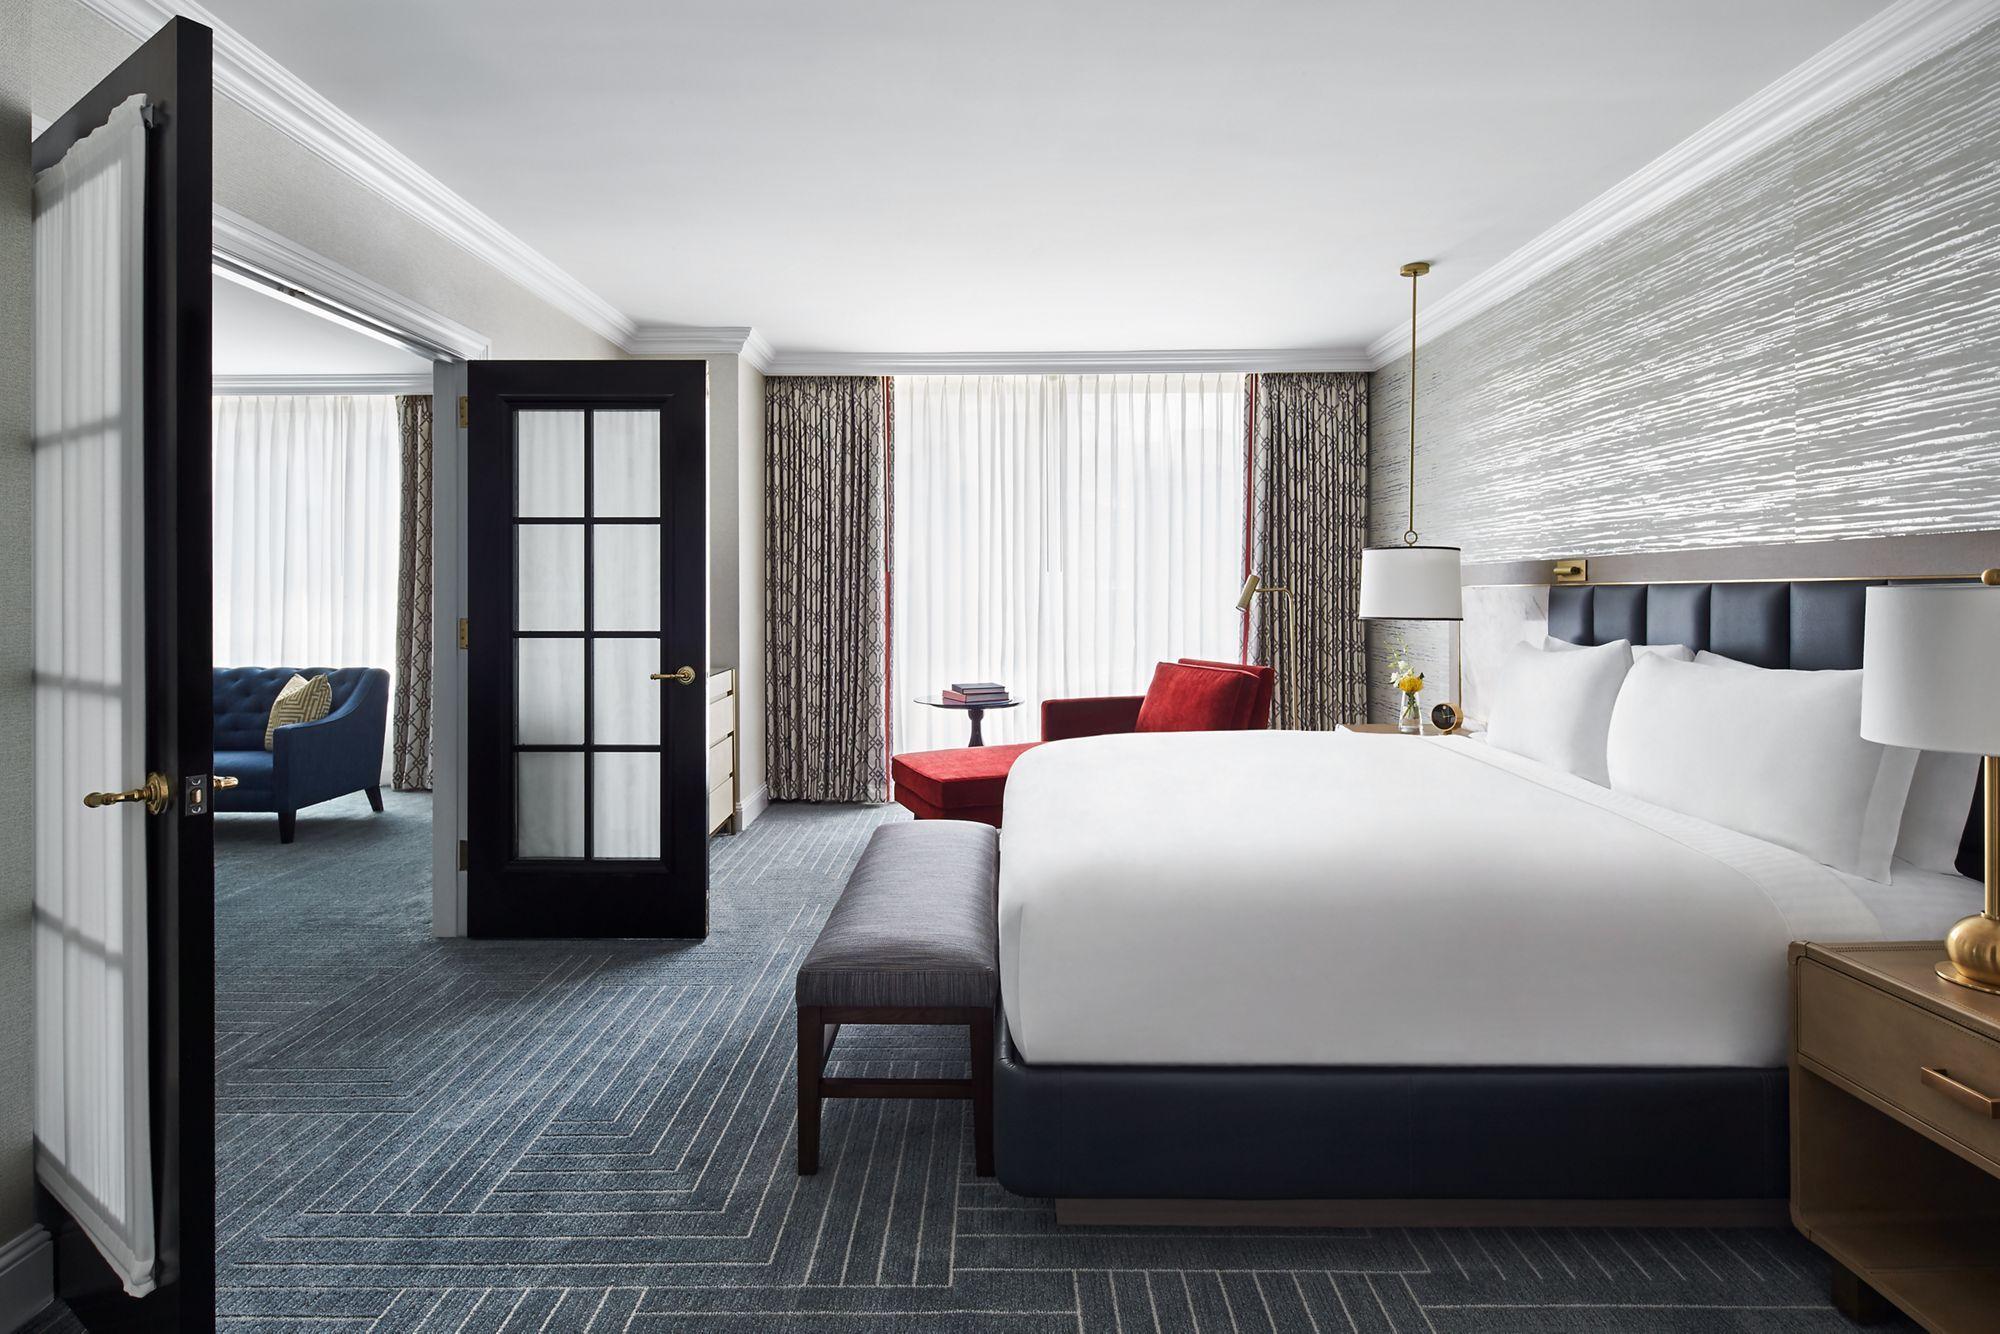 Luxury Hotel Room Bedroom Hotel Luxurious Bedrooms